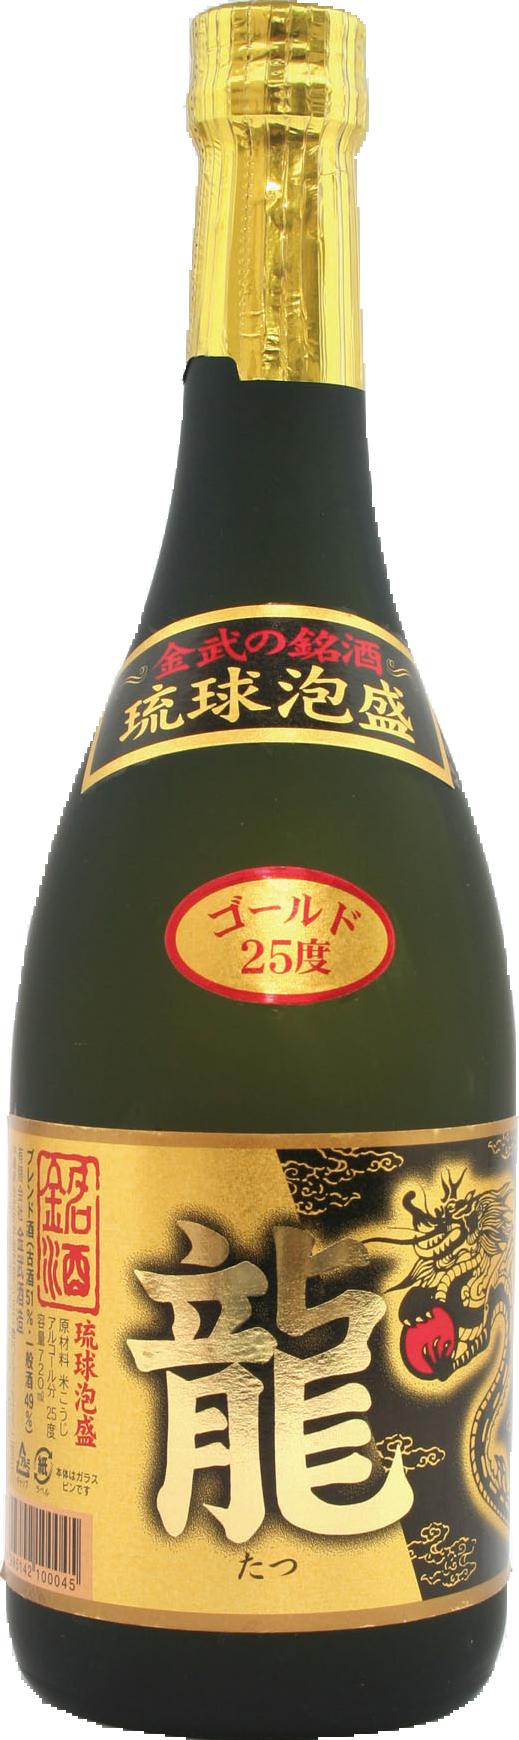 龍 ゴールド25度 720ml